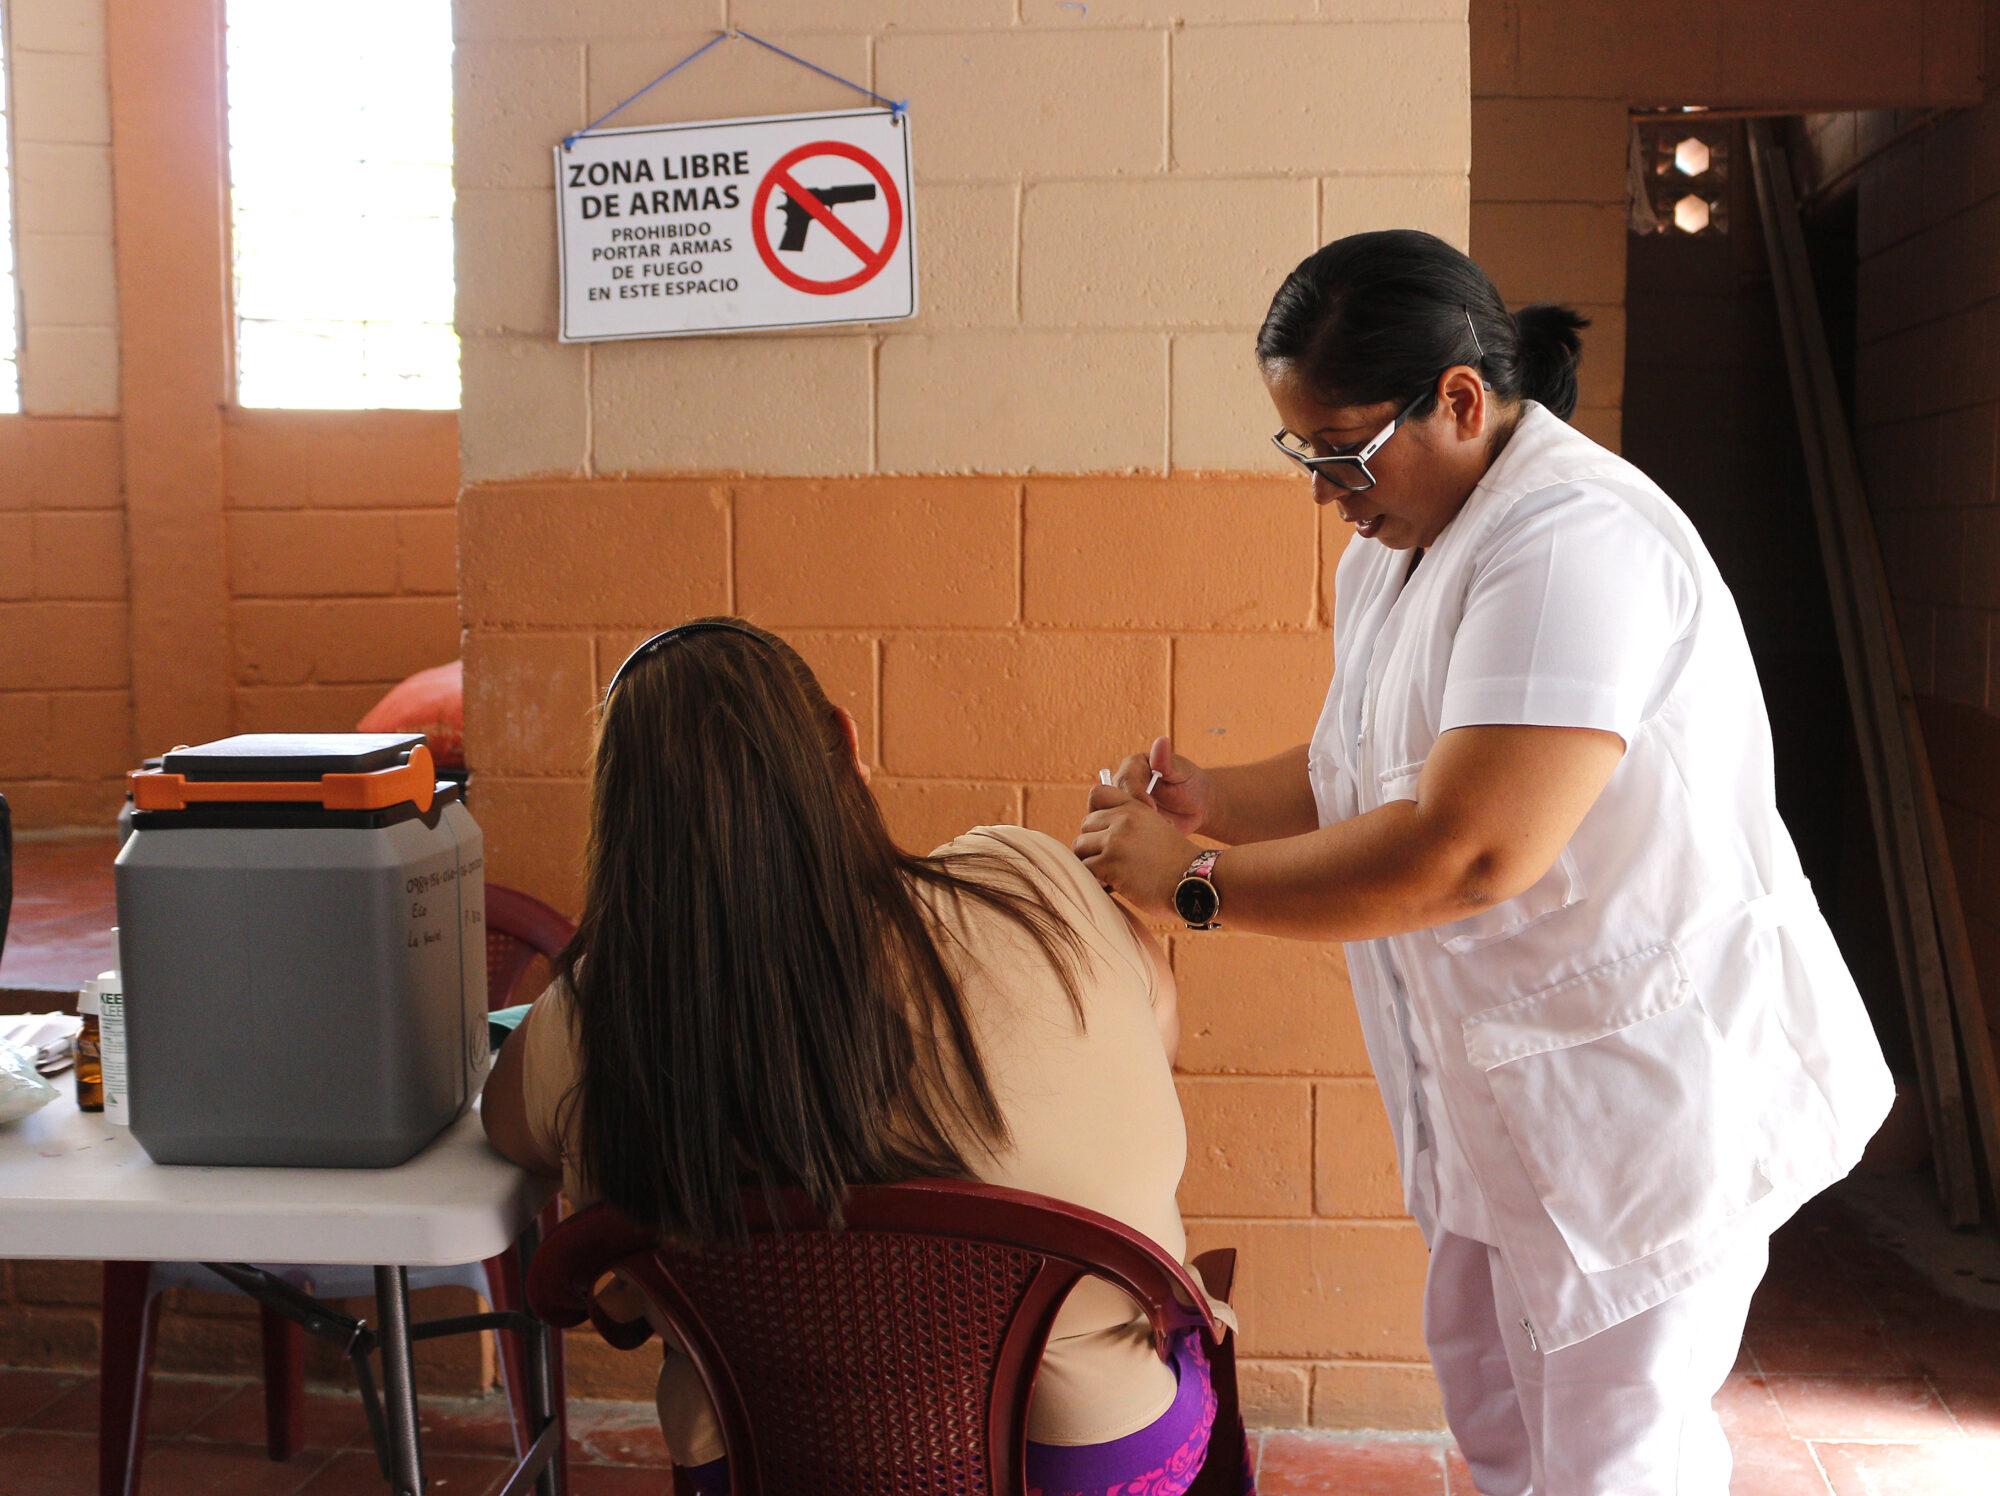 """Työntekijä rokottaa potilasta kyltin alla, jossa lukee """"aseista vapaa alue""""."""